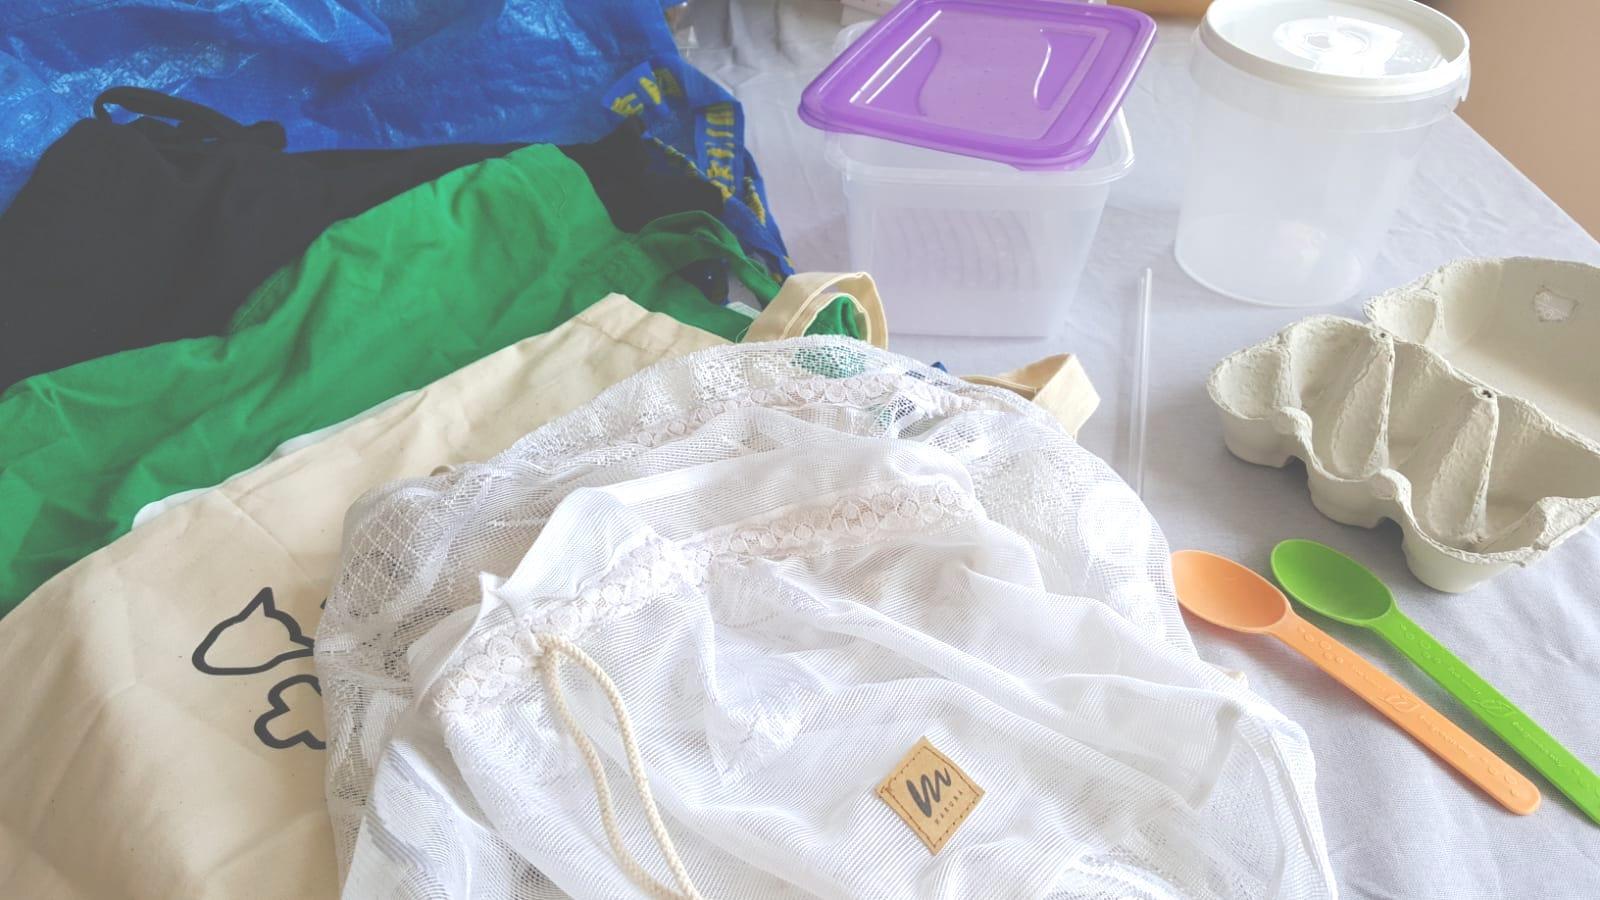 przynies swoje zero waste - 5 prostych sposobów, dzięki którym zaczniesz wyrzucać mniej śmieci